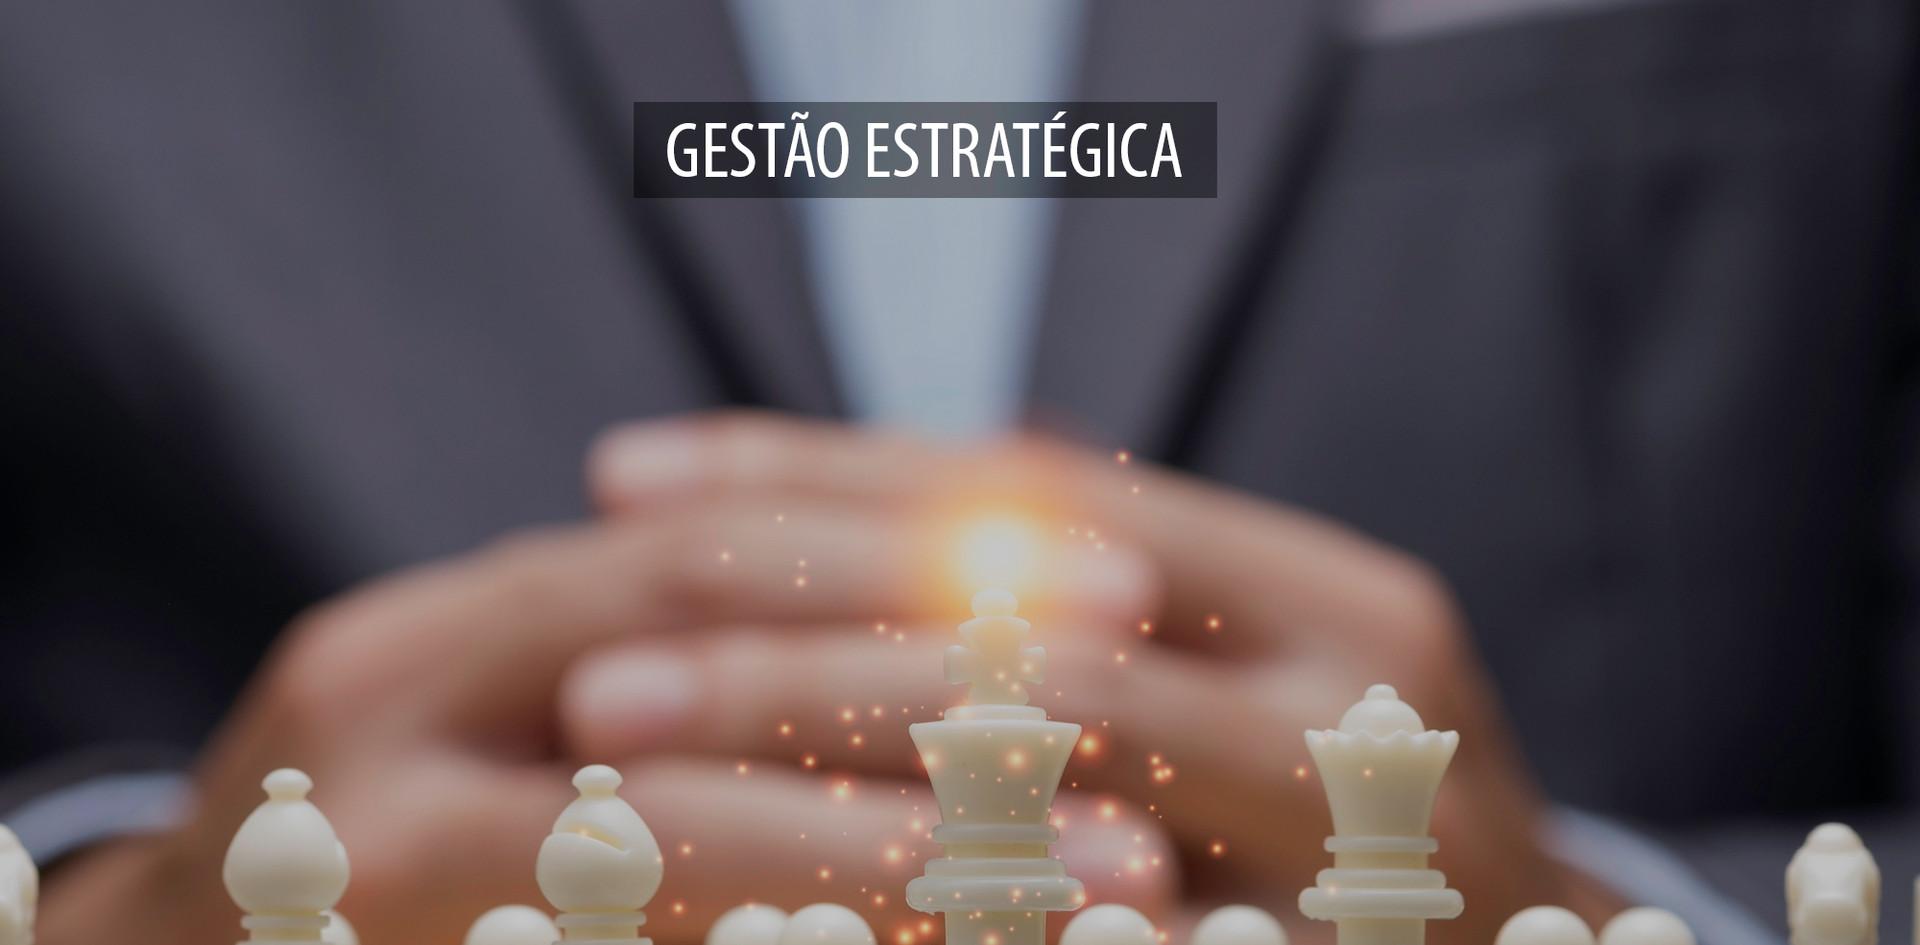 GESTÃO_ESTRATEGICA.jpg